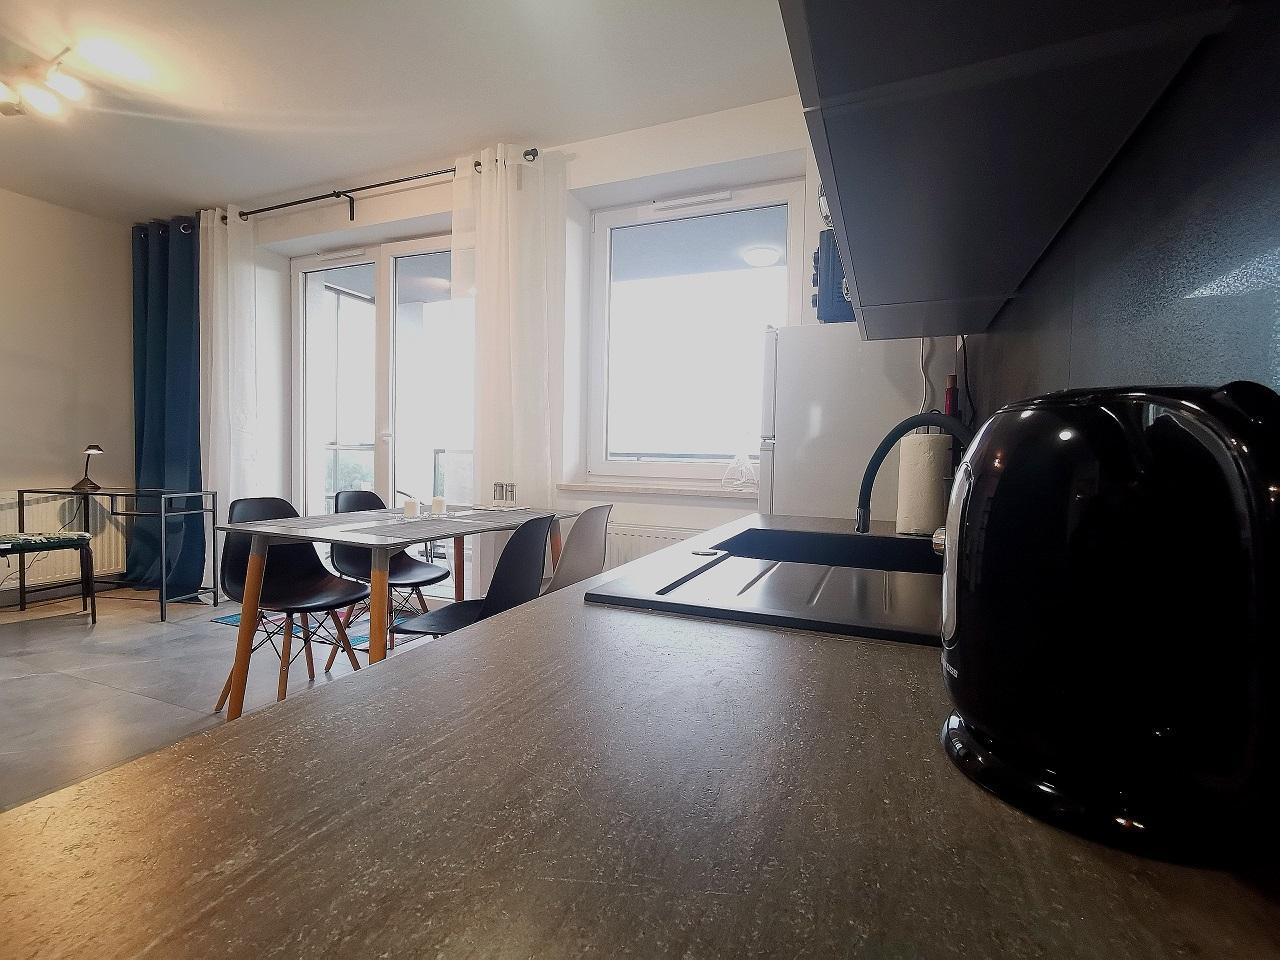 Przewóz - Apartment in Kraków